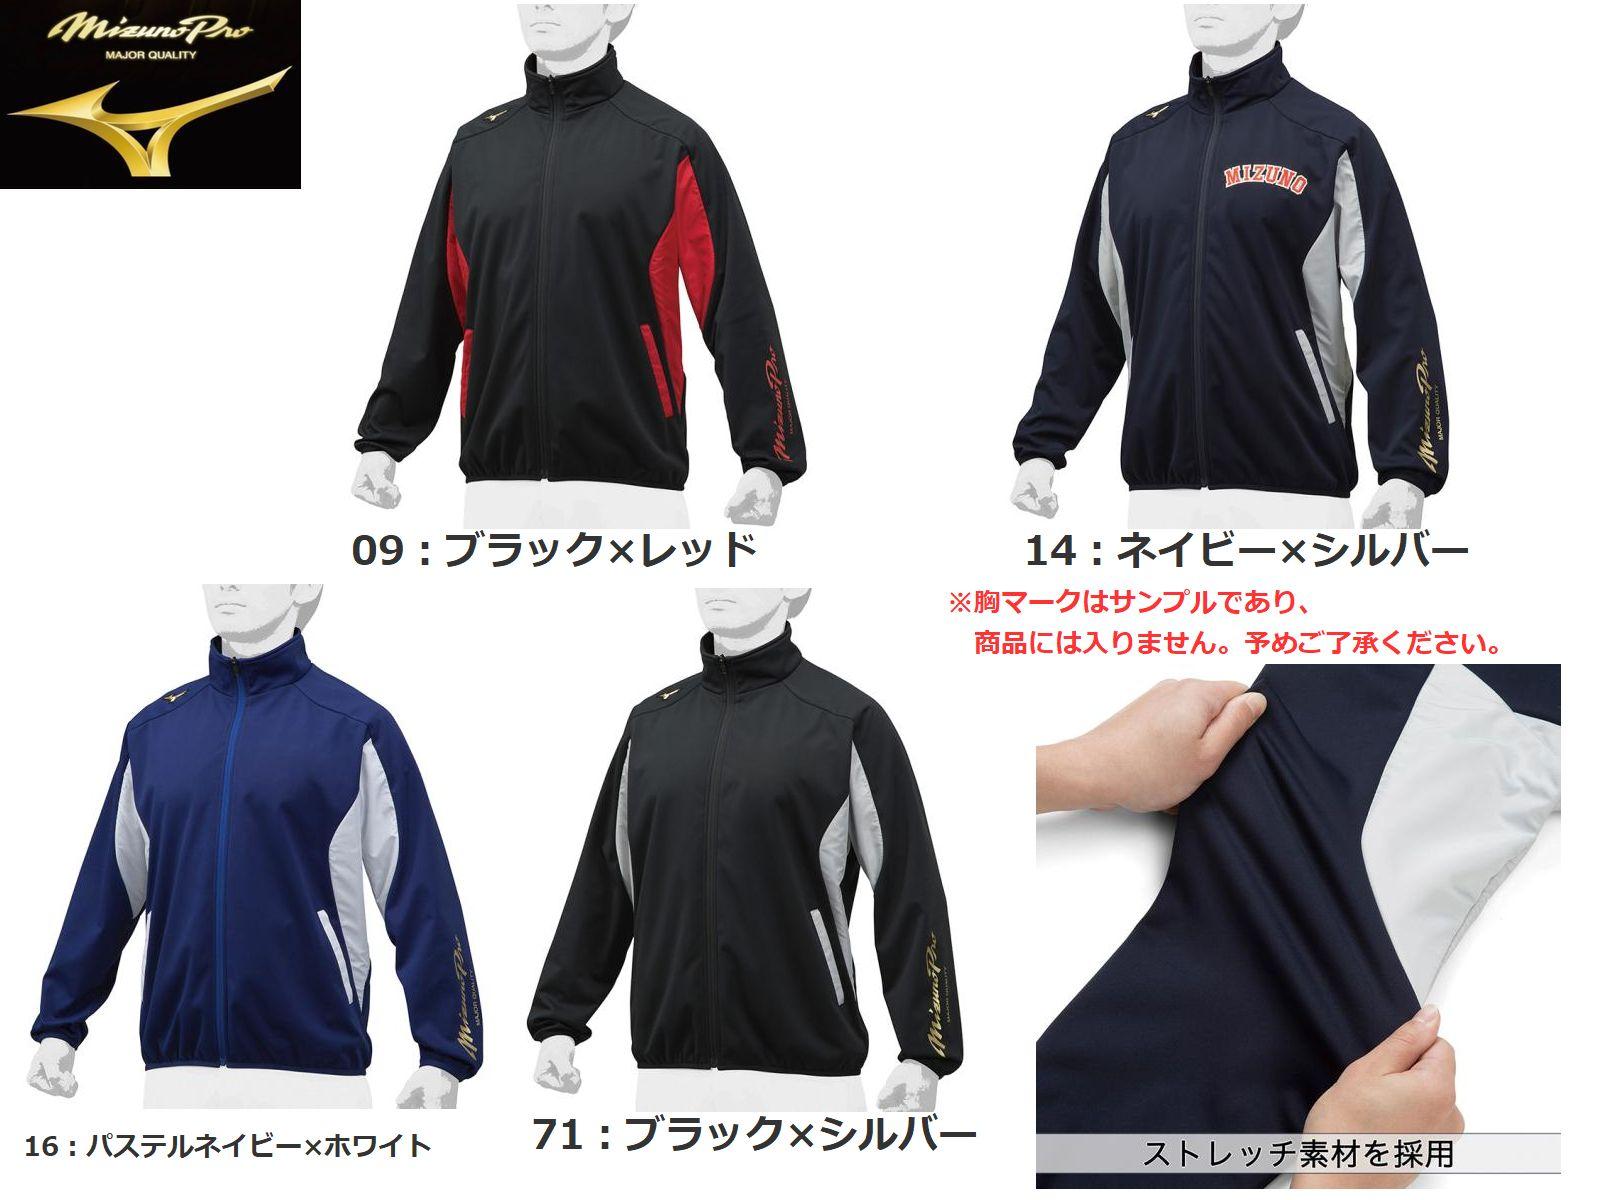 【Mizuno Pro=ミズノプロ】テックシールドシャツ[ユニセックス]【ブラック】【ネイビー×シルバー】【パステルネイビー×ホワイト】【ブラック×シルバー】[サイズ:S、M、L、O、XO、2XO]トレーニング オールスポーツ対応!